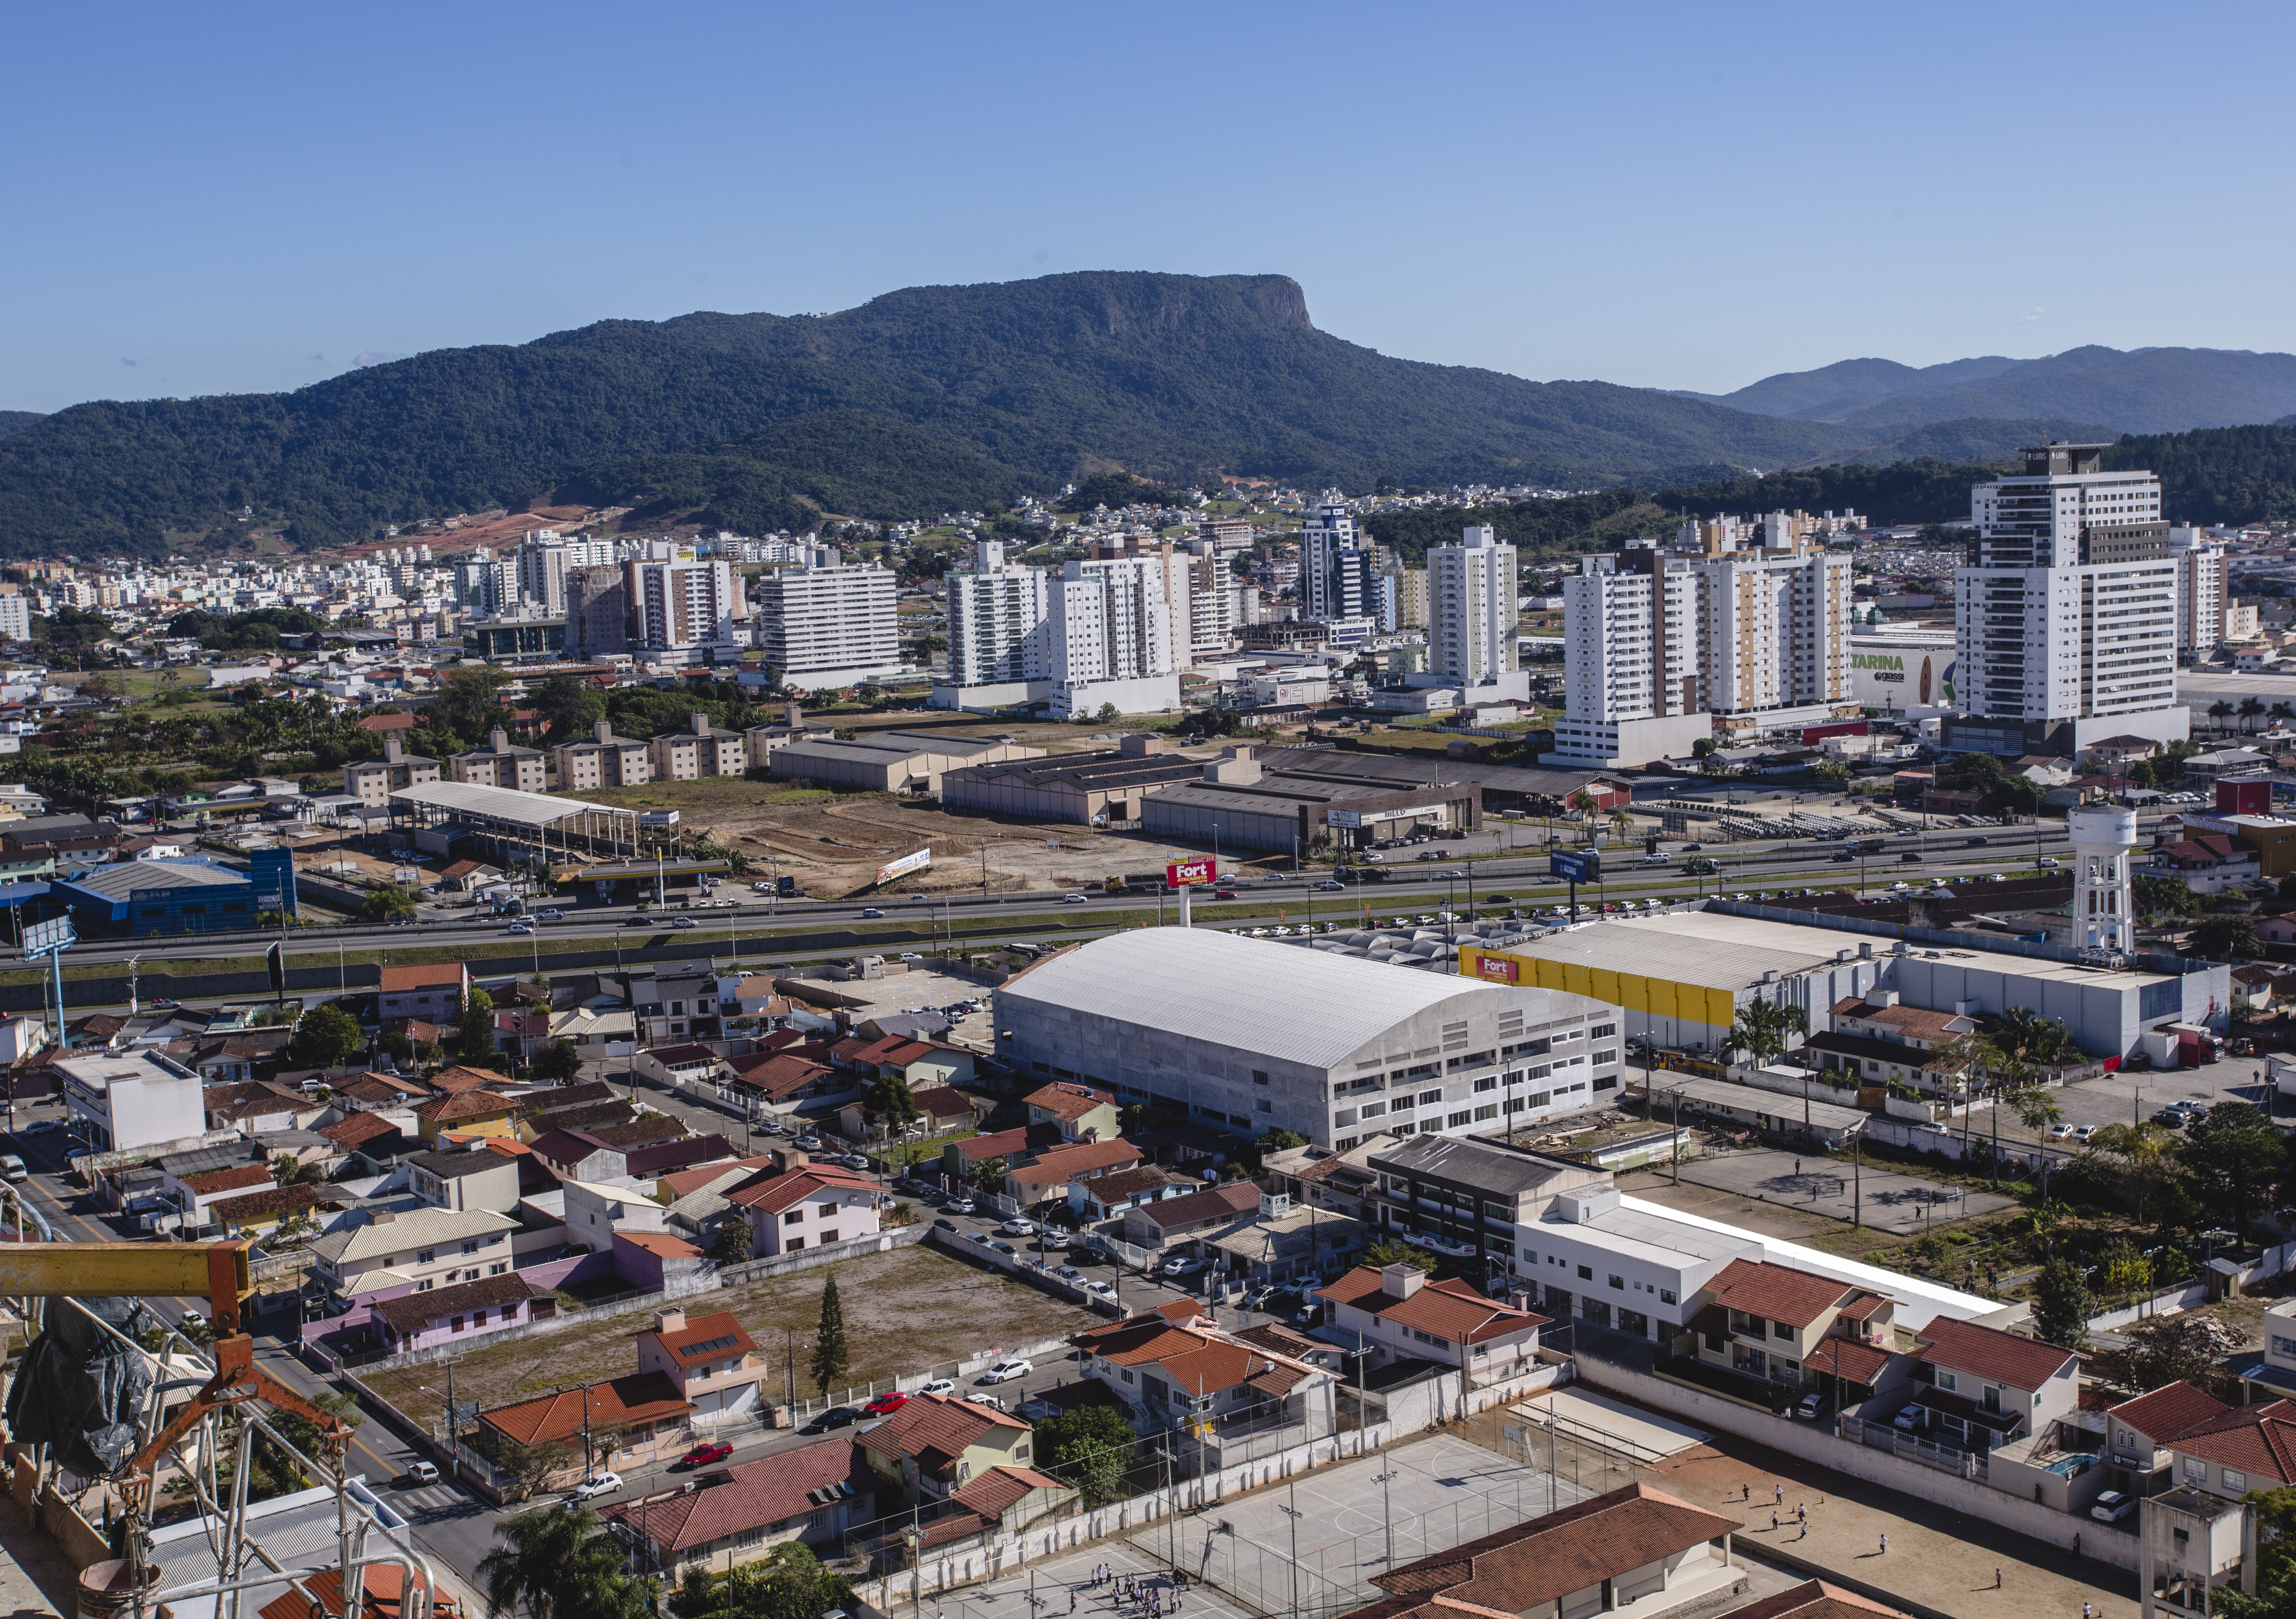 Palhoça tem seis distritos industriais e benefícios à instalação de novos empreendimentos - Daniel Queiroz/ND